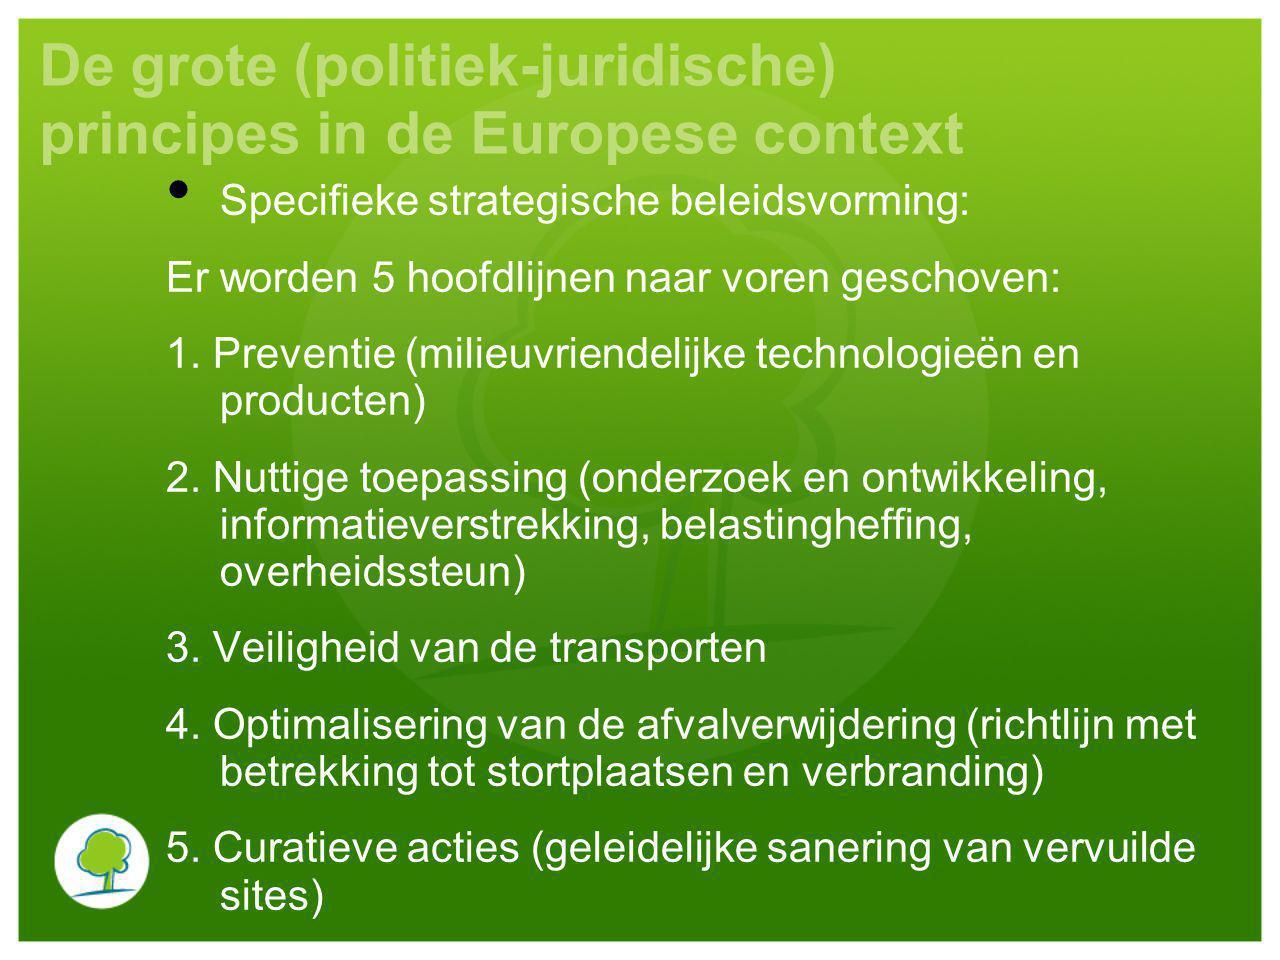 De grote (politiek-juridische) principes in de Europese context Specifieke strategische beleidsvorming: Er worden 5 hoofdlijnen naar voren geschoven: